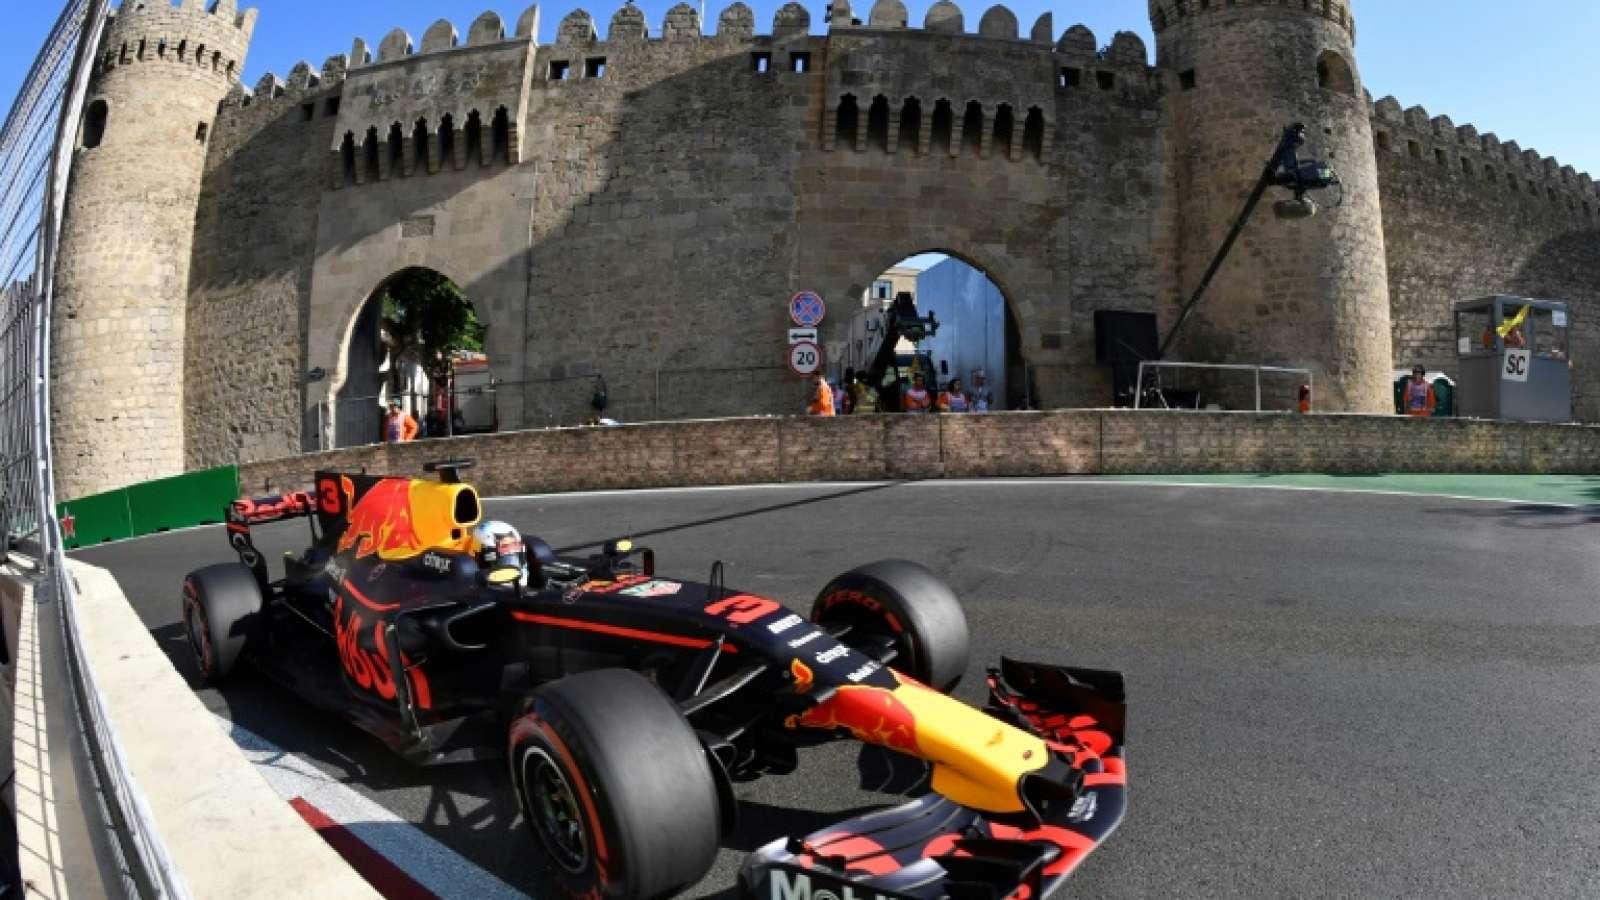 Treino frustrante no sábado, vitória no domingo. Ricciardo venceu com méritos.